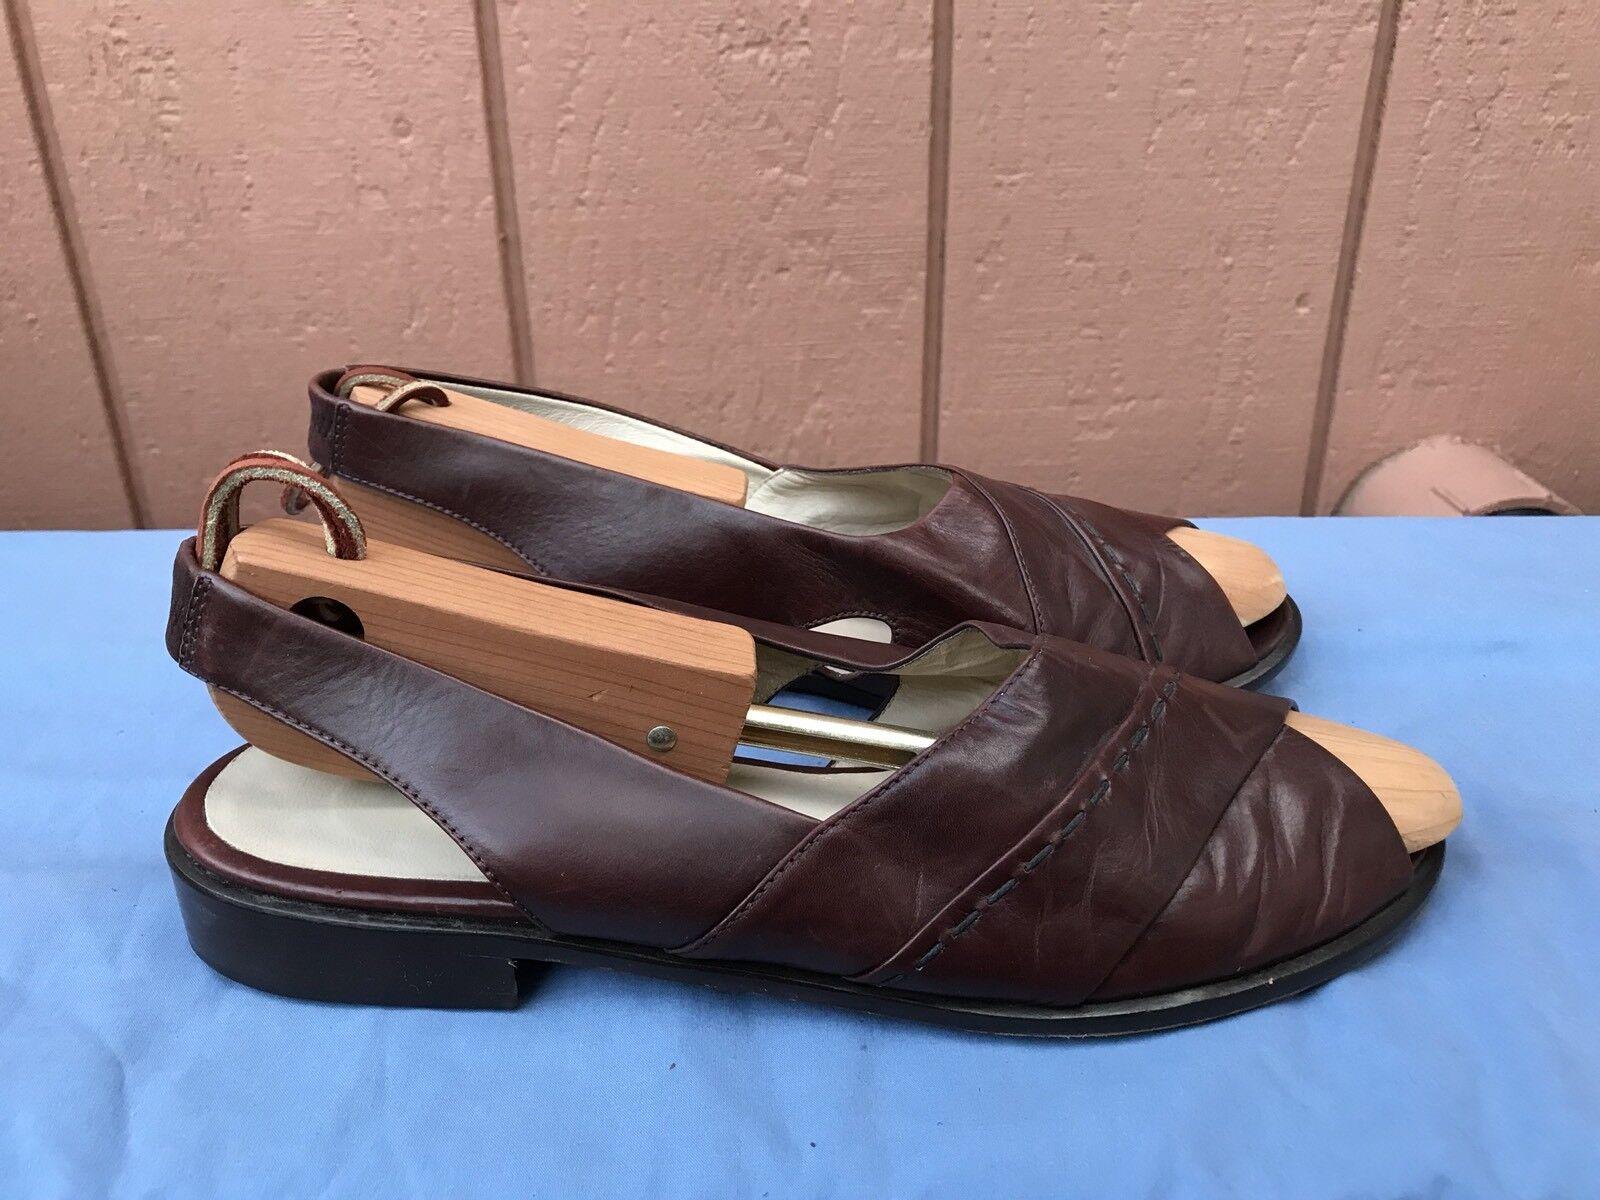 Excellent état utilisé BALLY Croix Bracelet en Cuir Marron Sandales Chaussures Femmes Taille 9.5 US 40.5 EUR A5